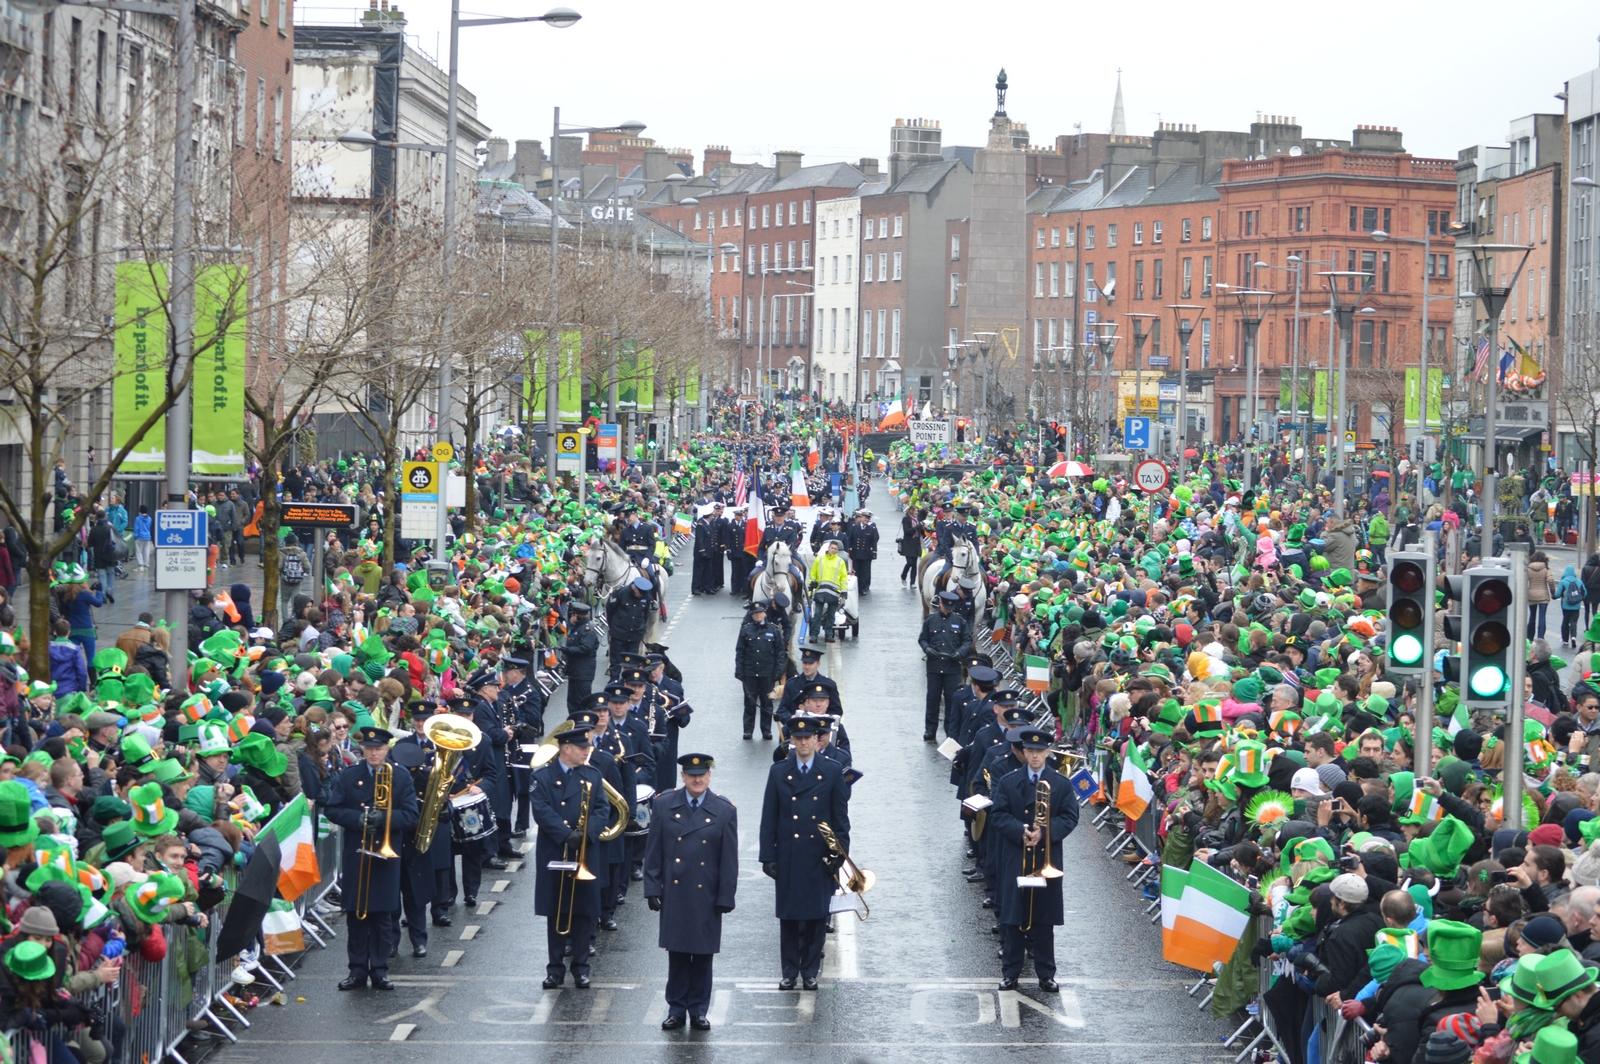 Los Impresionantes Milagros de San Patricio, el Patrono de Irlanda